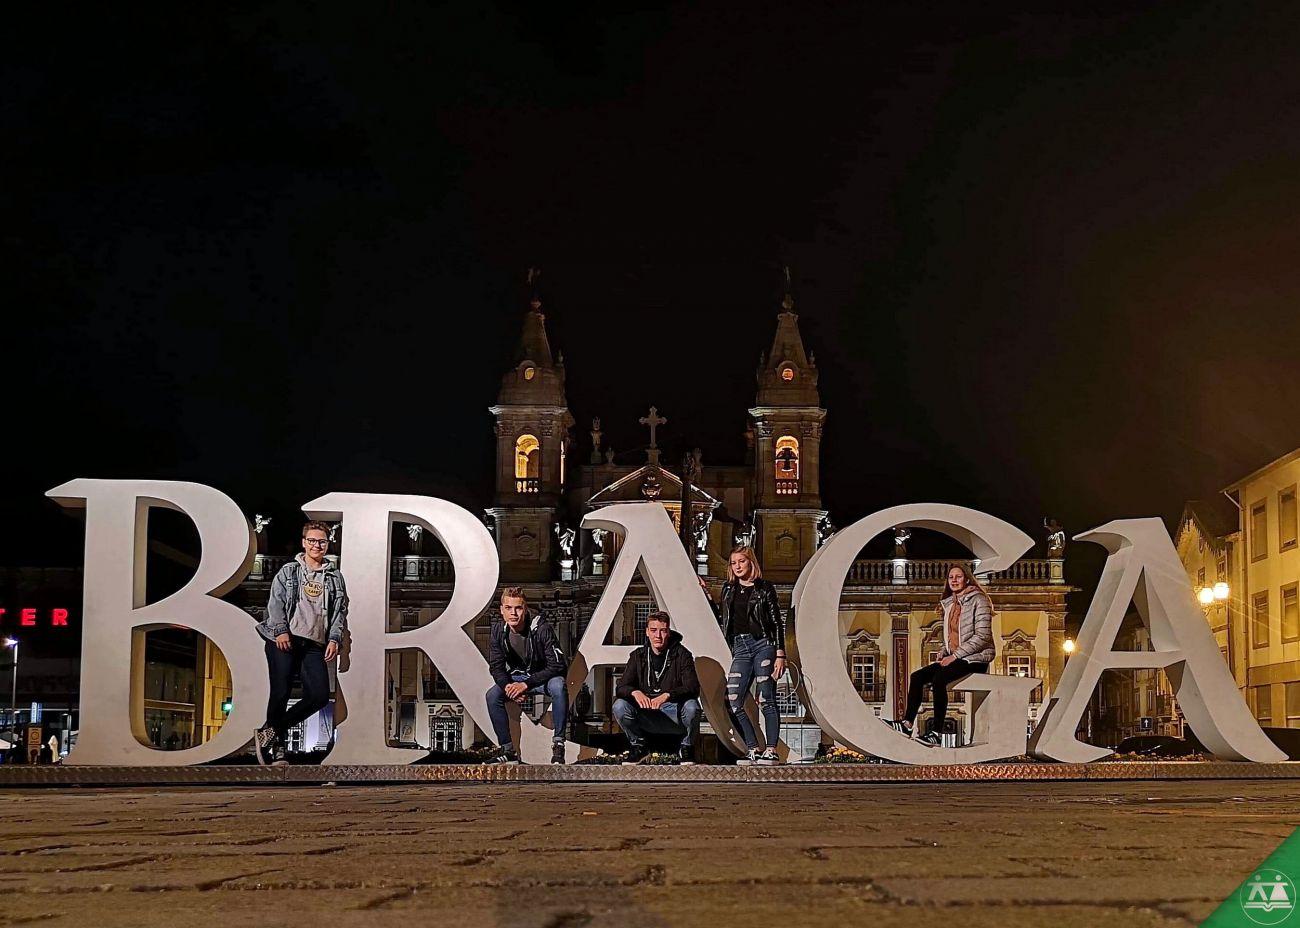 Erasmus-Braga-2019-prihod-in-ogled-006